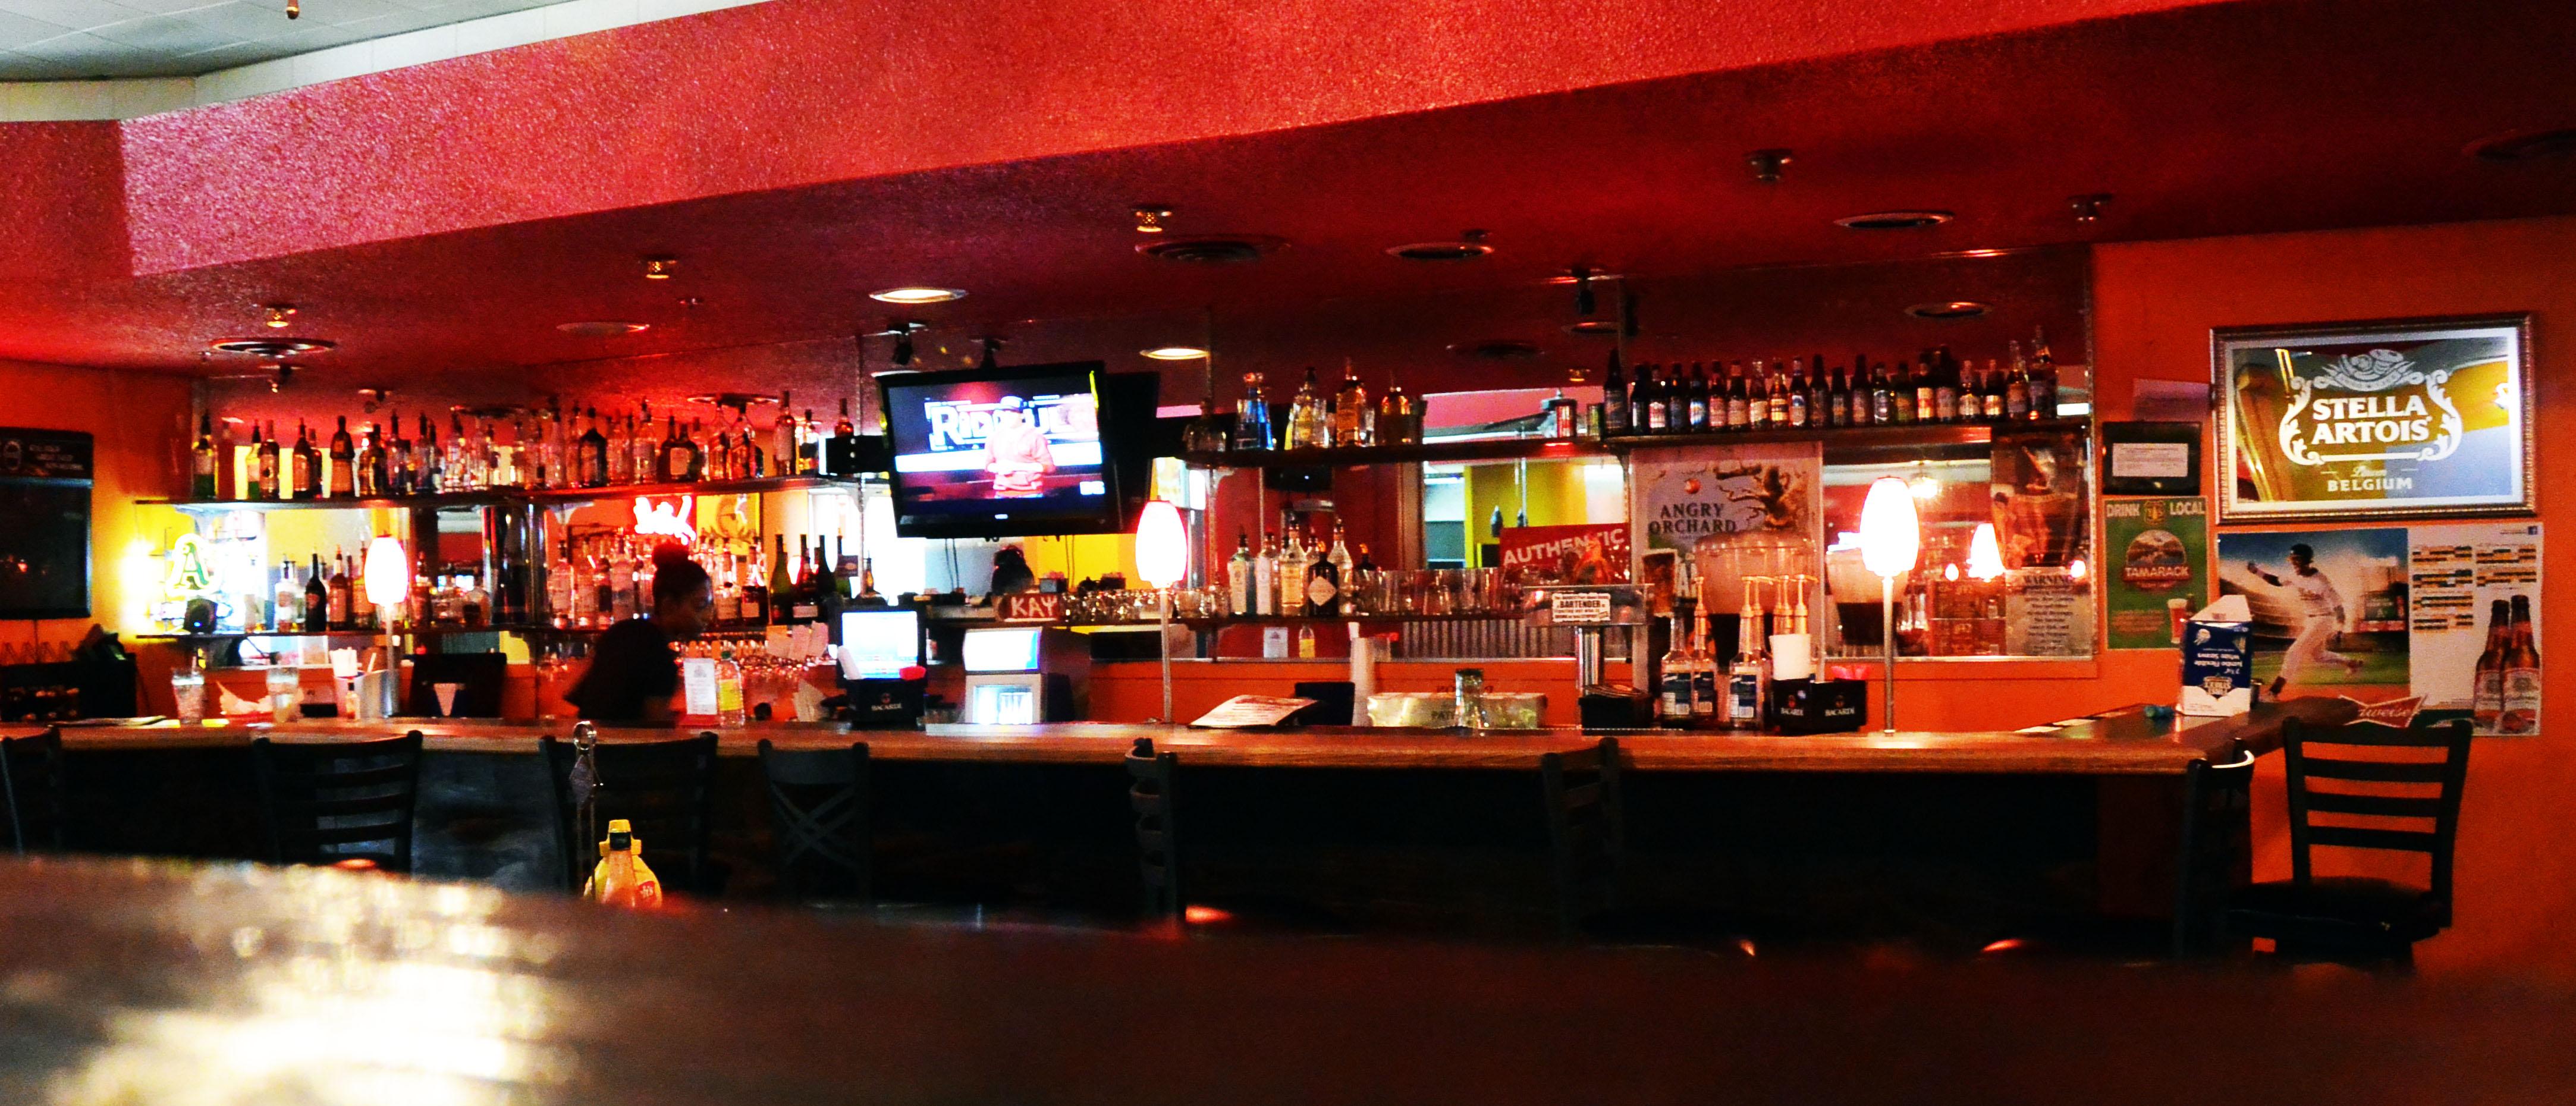 Restaurant Reviews Fresno Ca